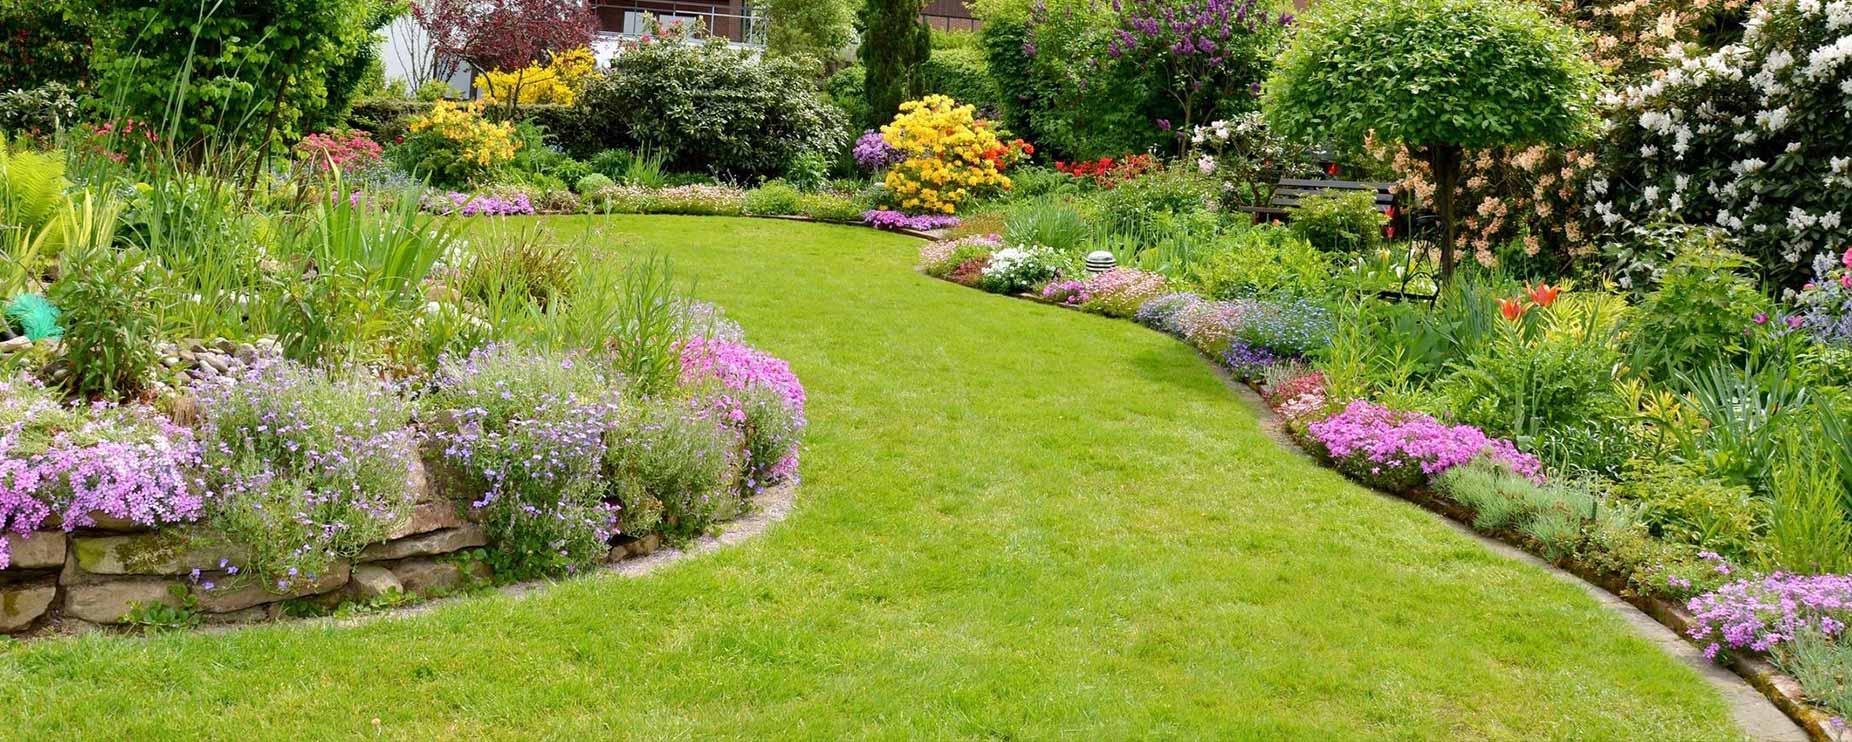 Realizzazione giardini toscana giardiniere esperto - Il giardino italiano ...